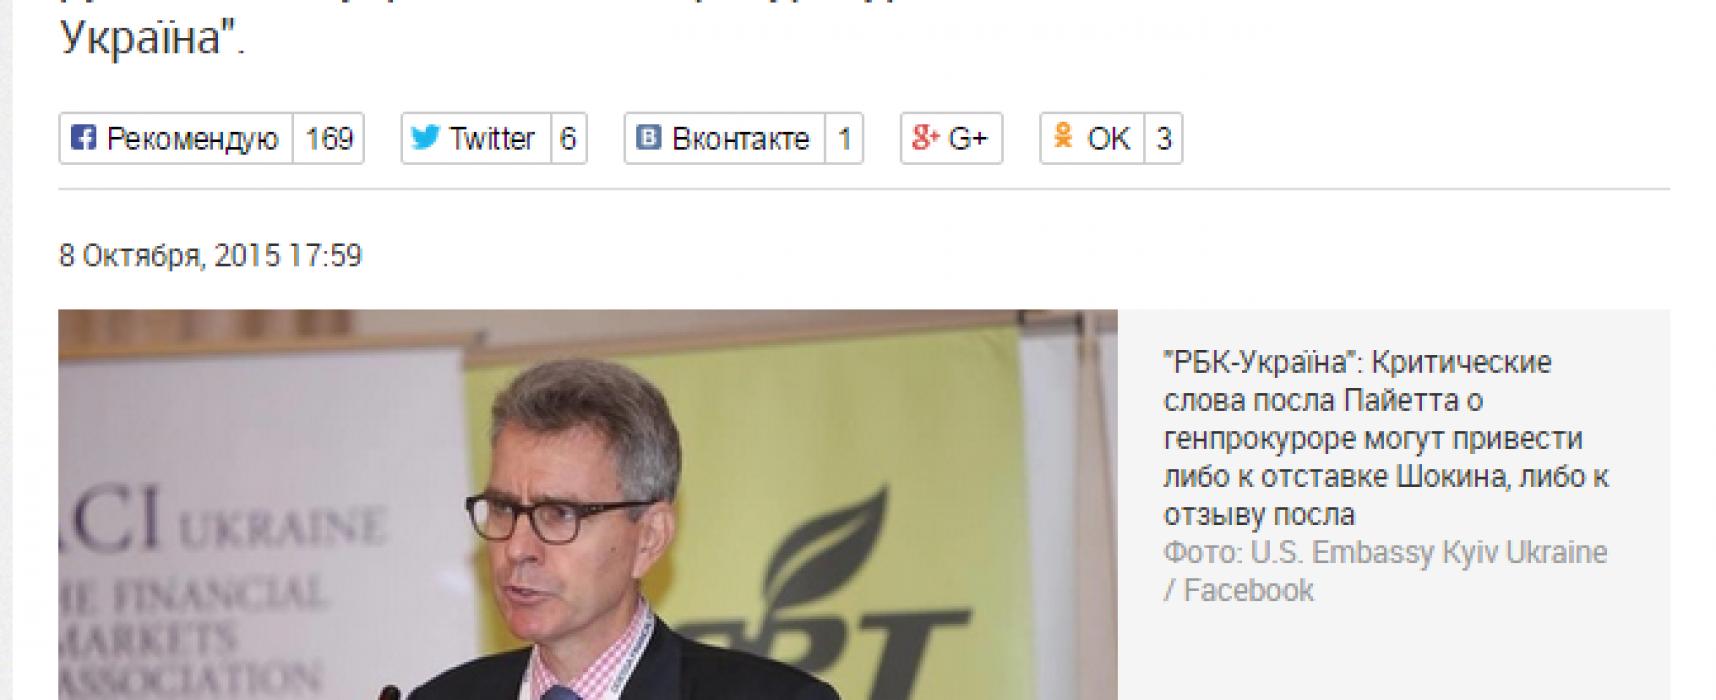 Посла США в Украине не собираются отзывать в 2016 году